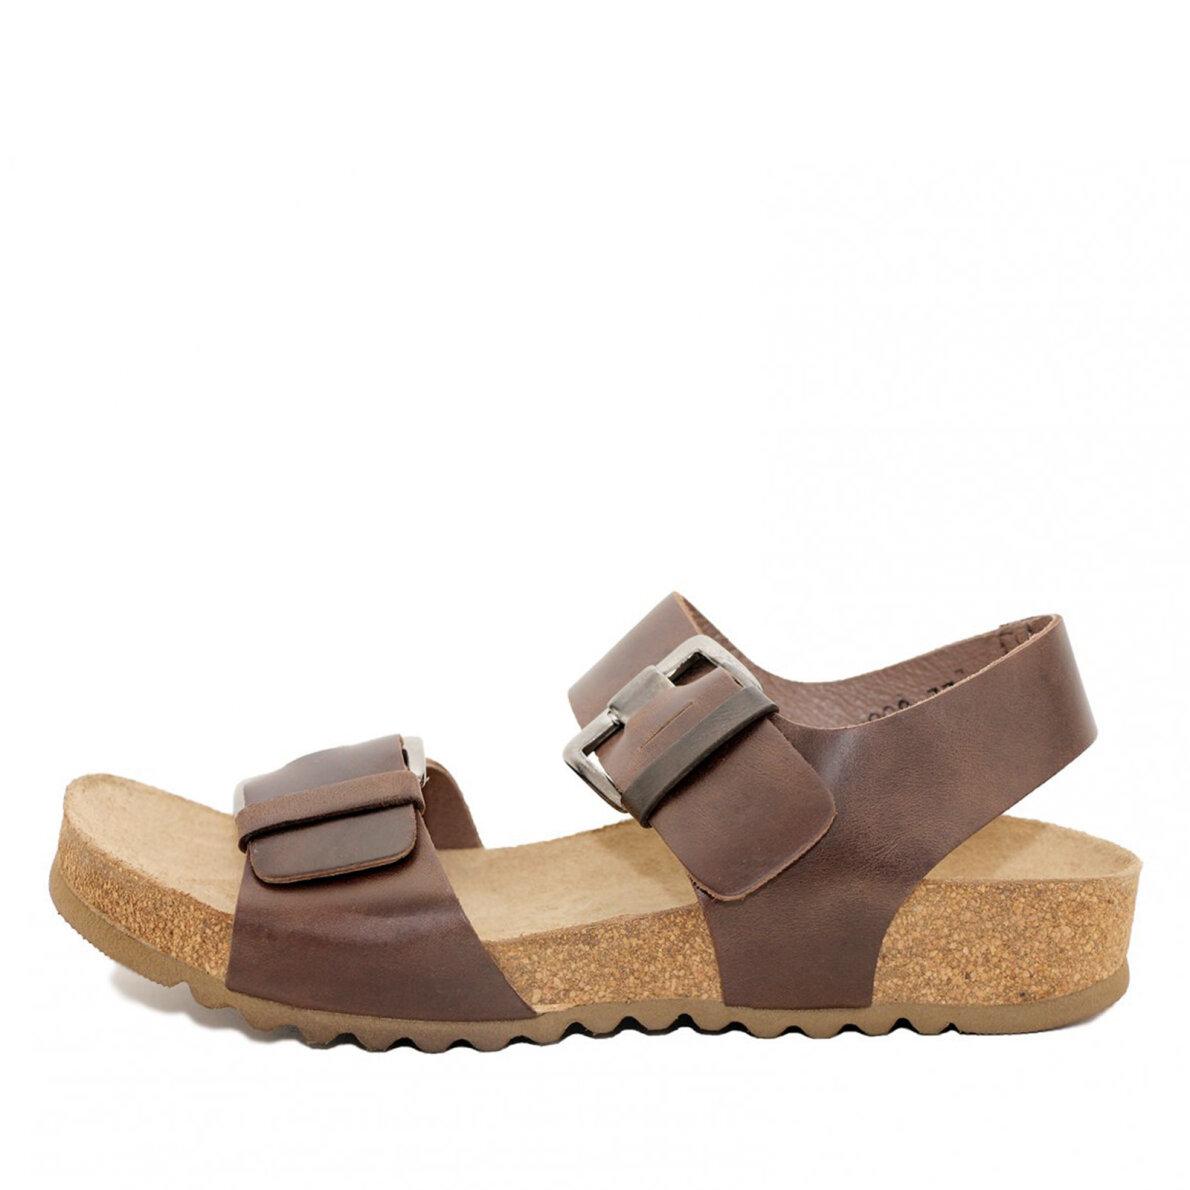 2c96d841b9e3 Lofina 808 - Brun dame sandal med fodseng - Piedi.dk